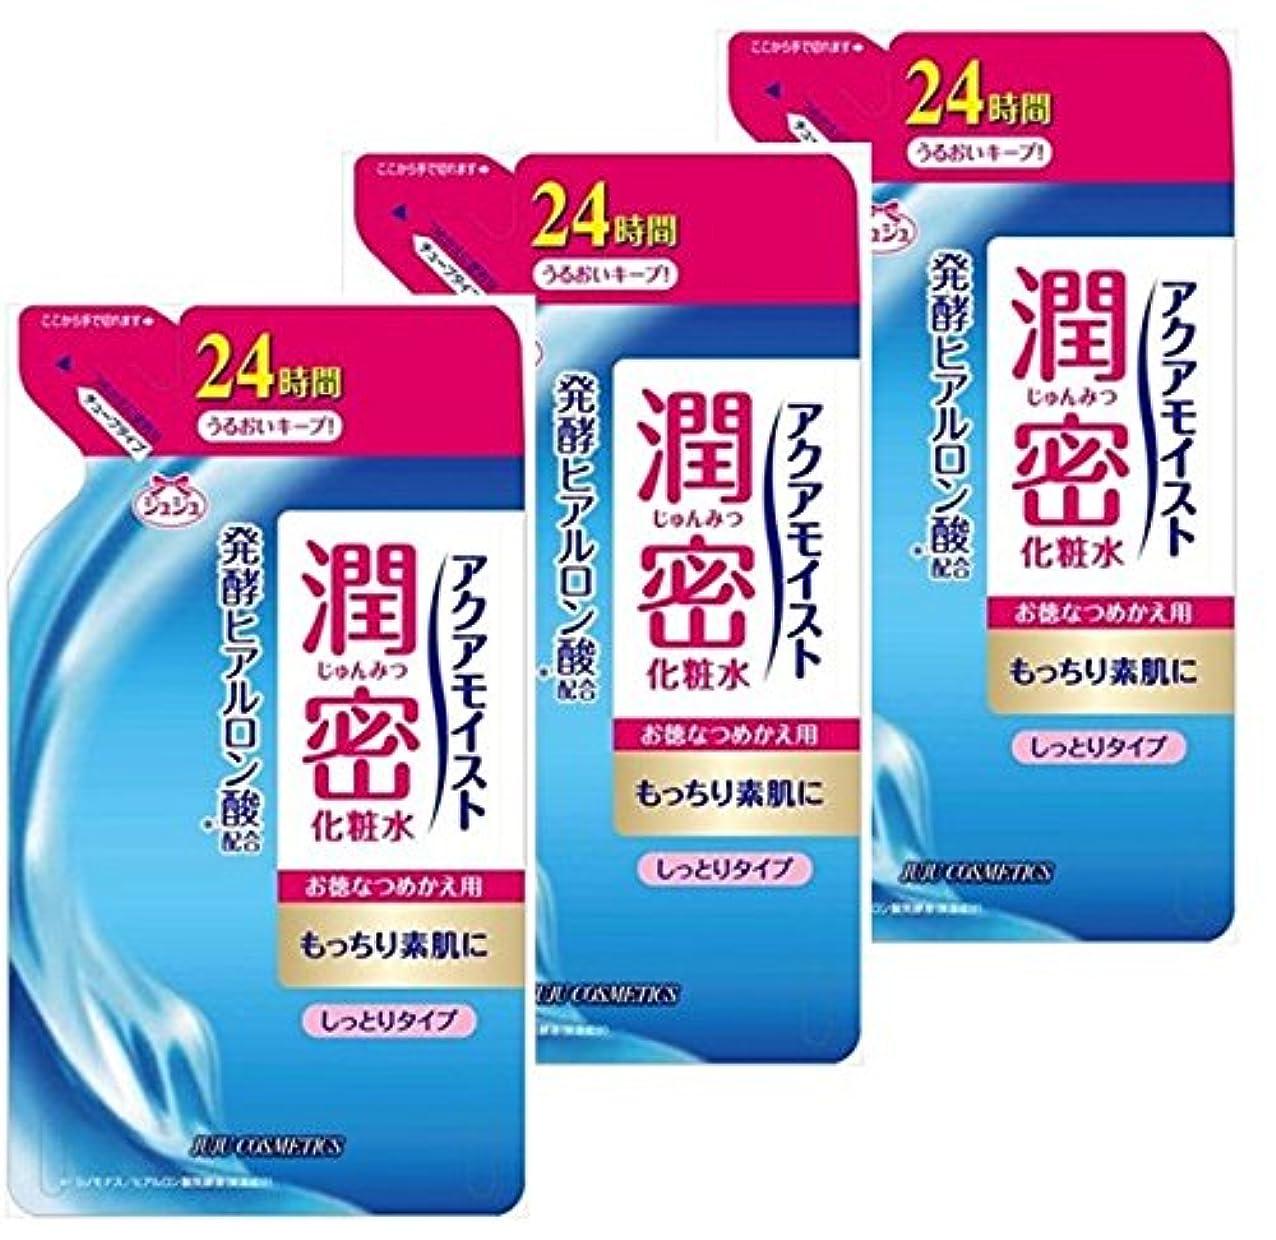 不利益うんざり休日に【3個セット】 アクアモイスト 保湿化粧水 ha(しっとりタイプ) つめかえ用 160mL